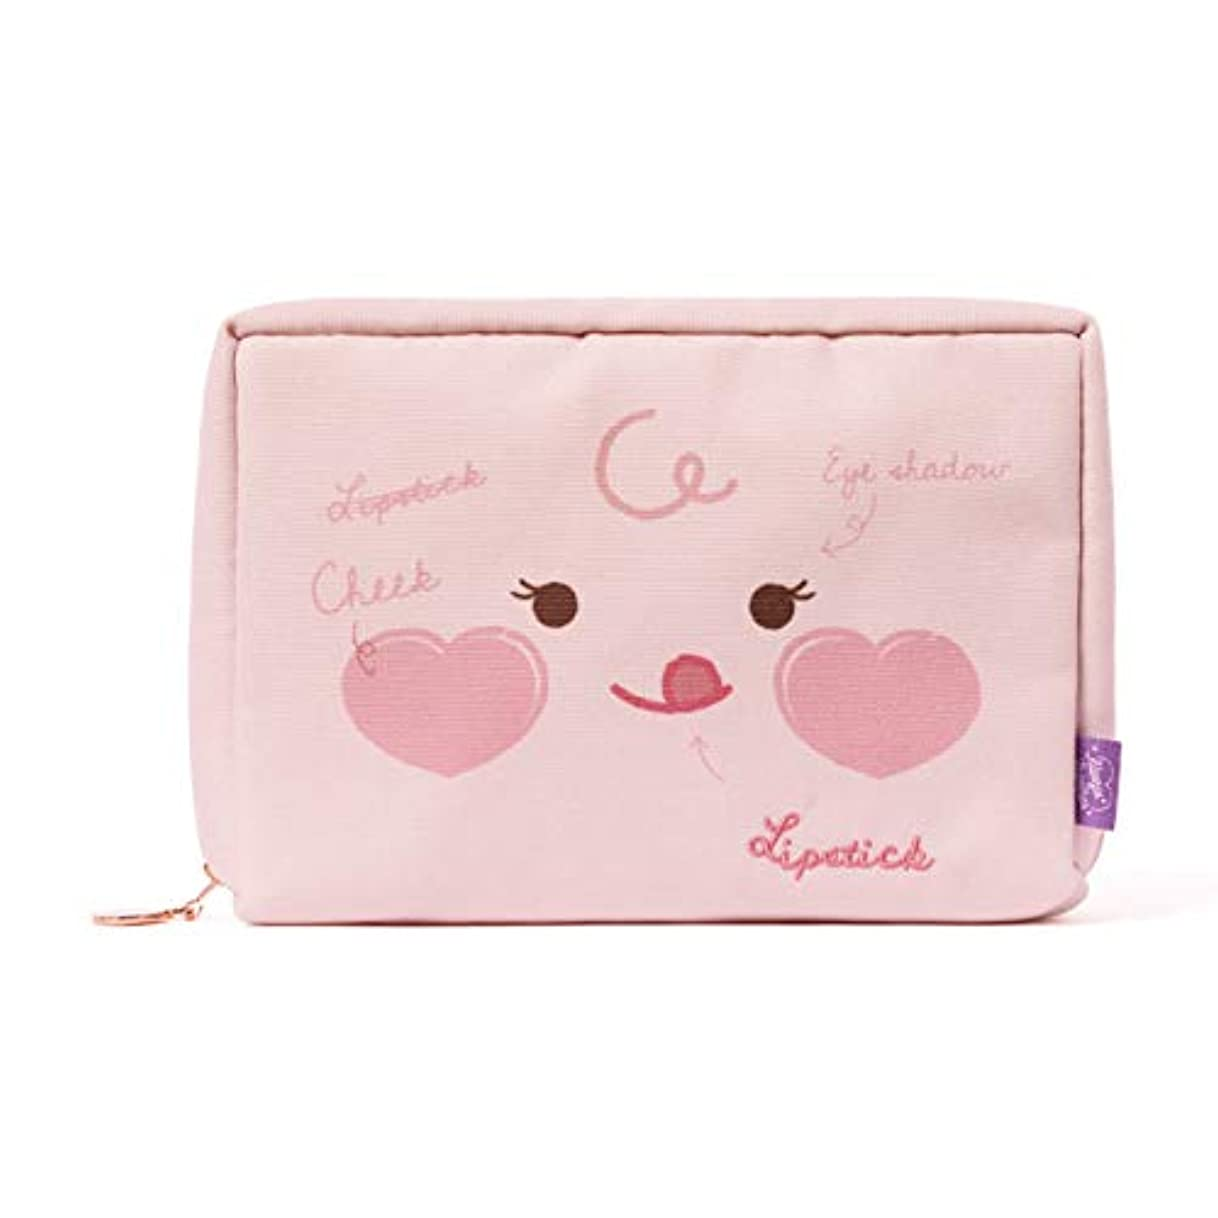 博物館和らげる唯物論[オフィシャル] カカオフレンズ - TWICE EDITION (ミナ) コスメポーチ KAKAO FRIENDS - TWICE EDITION Cosmetic Bag by MINA